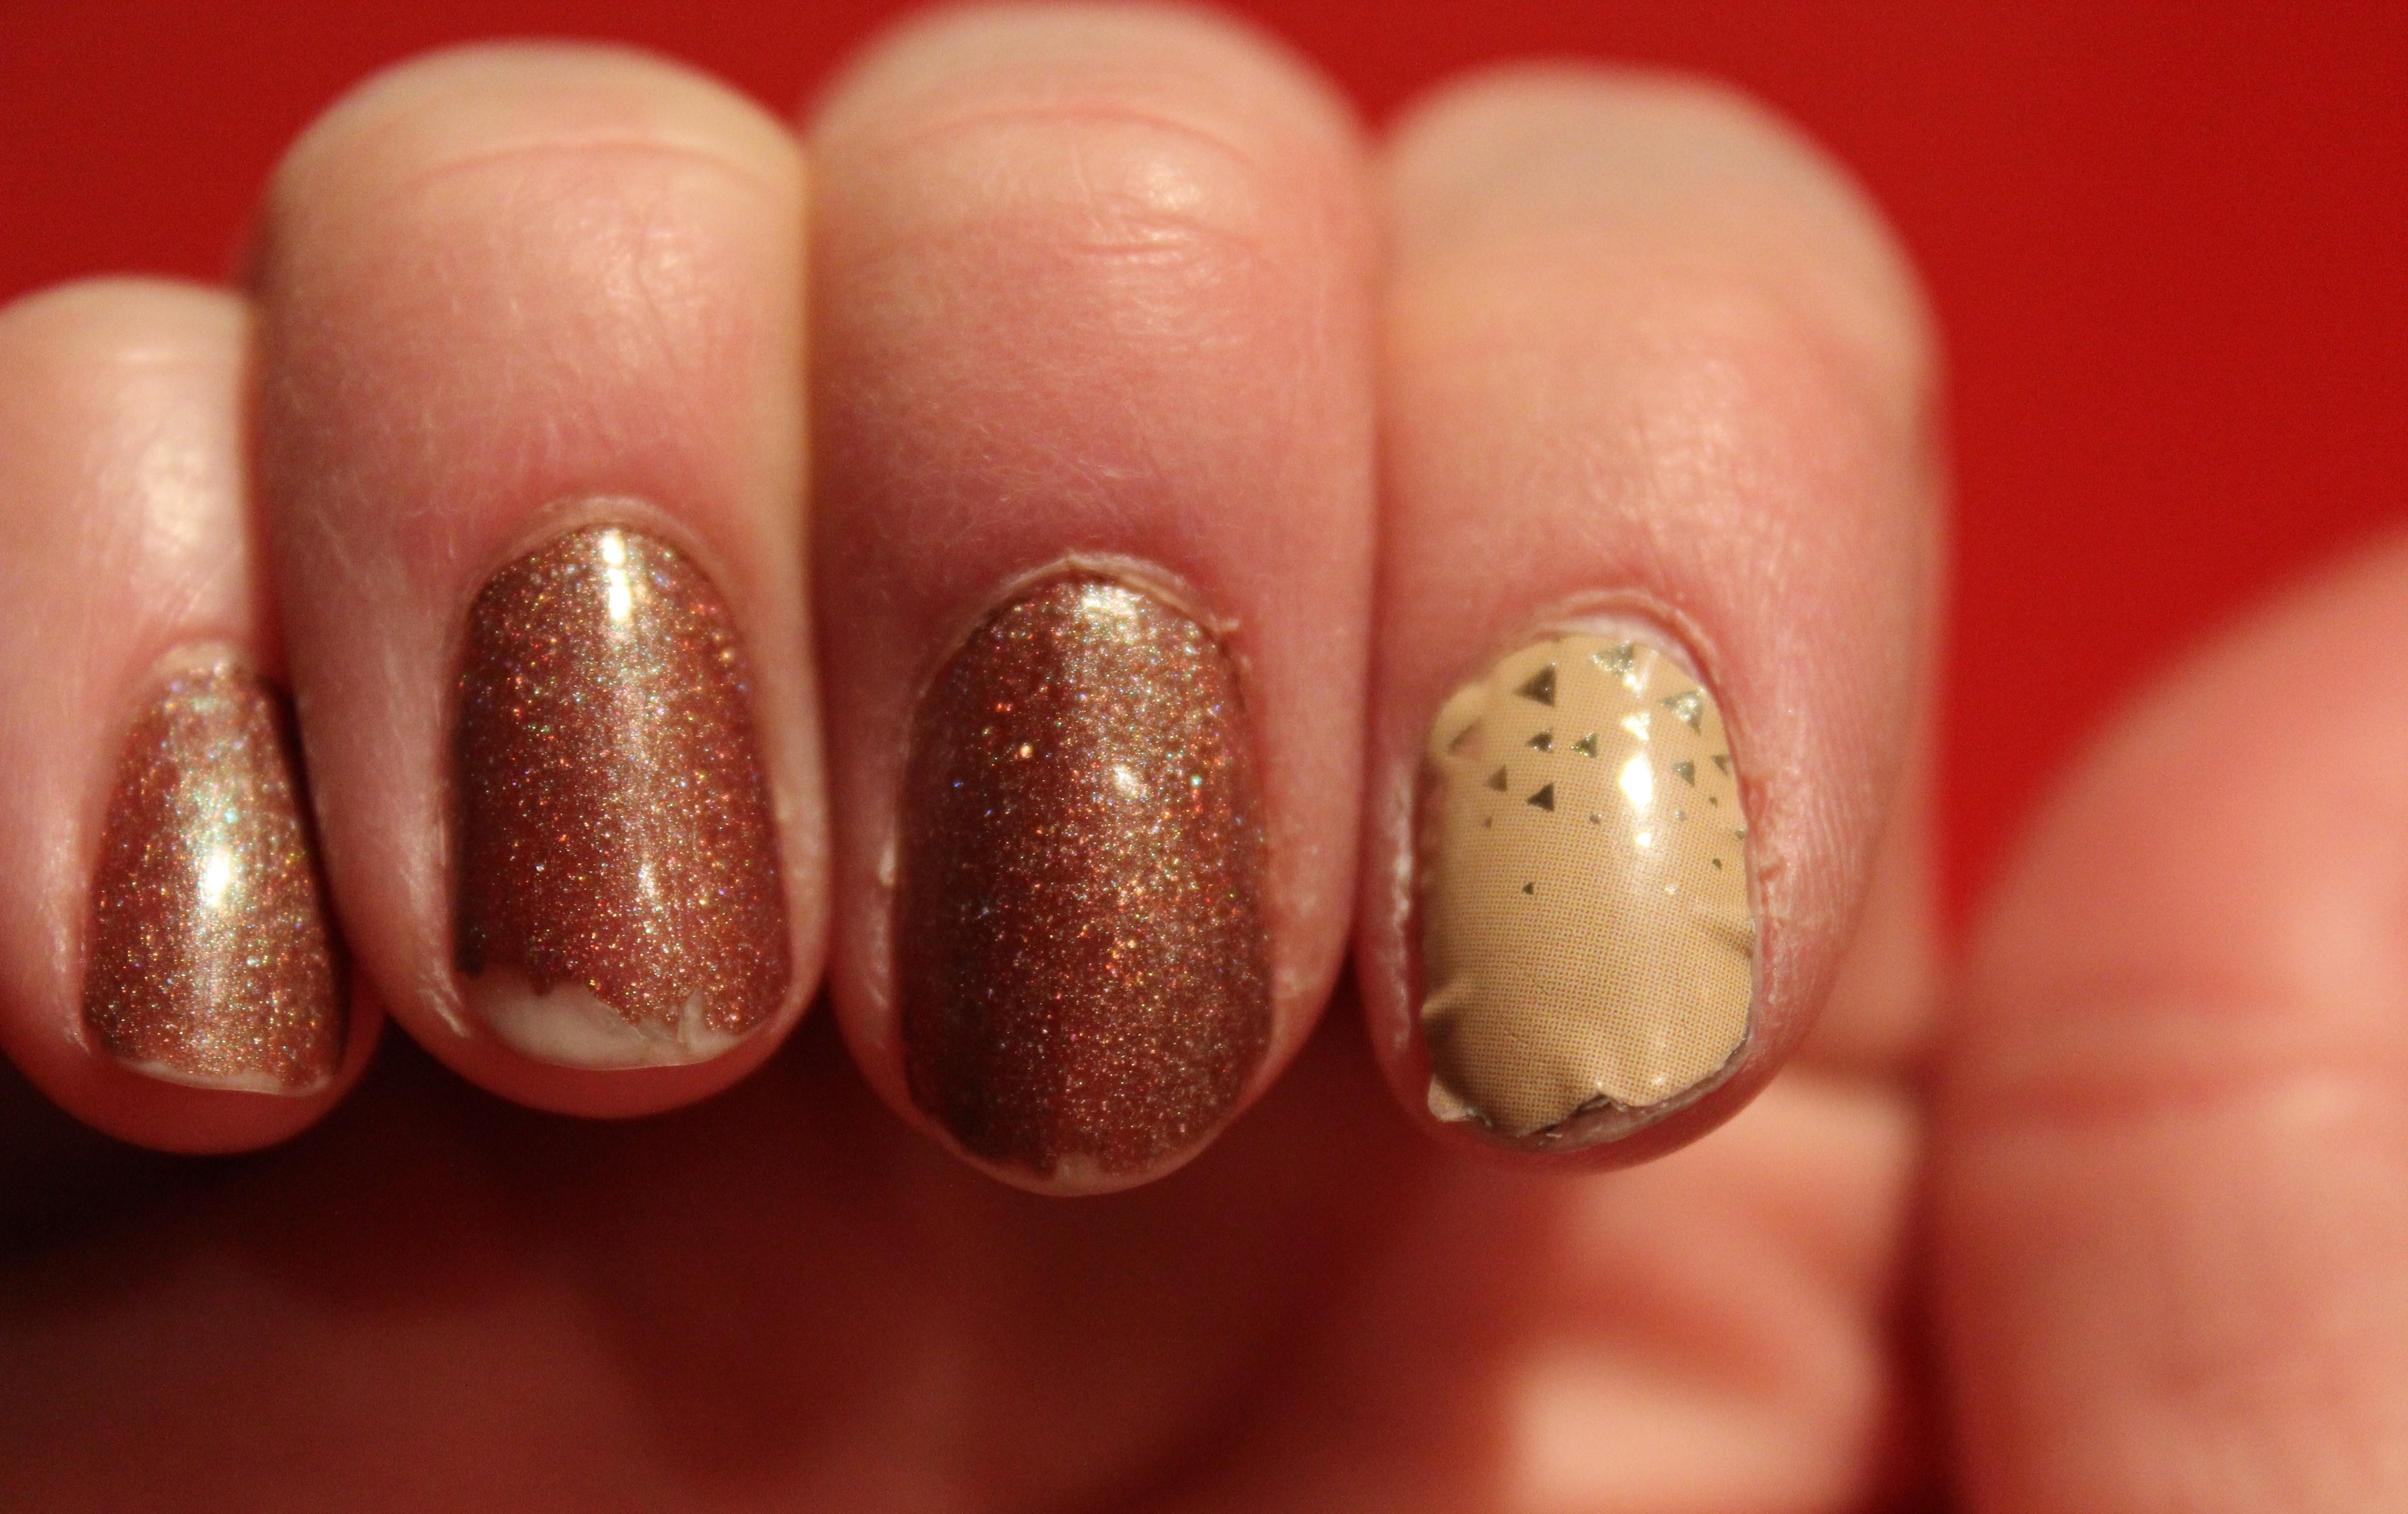 Mani Monday – Jamberry Nails! – The Foxy Kat